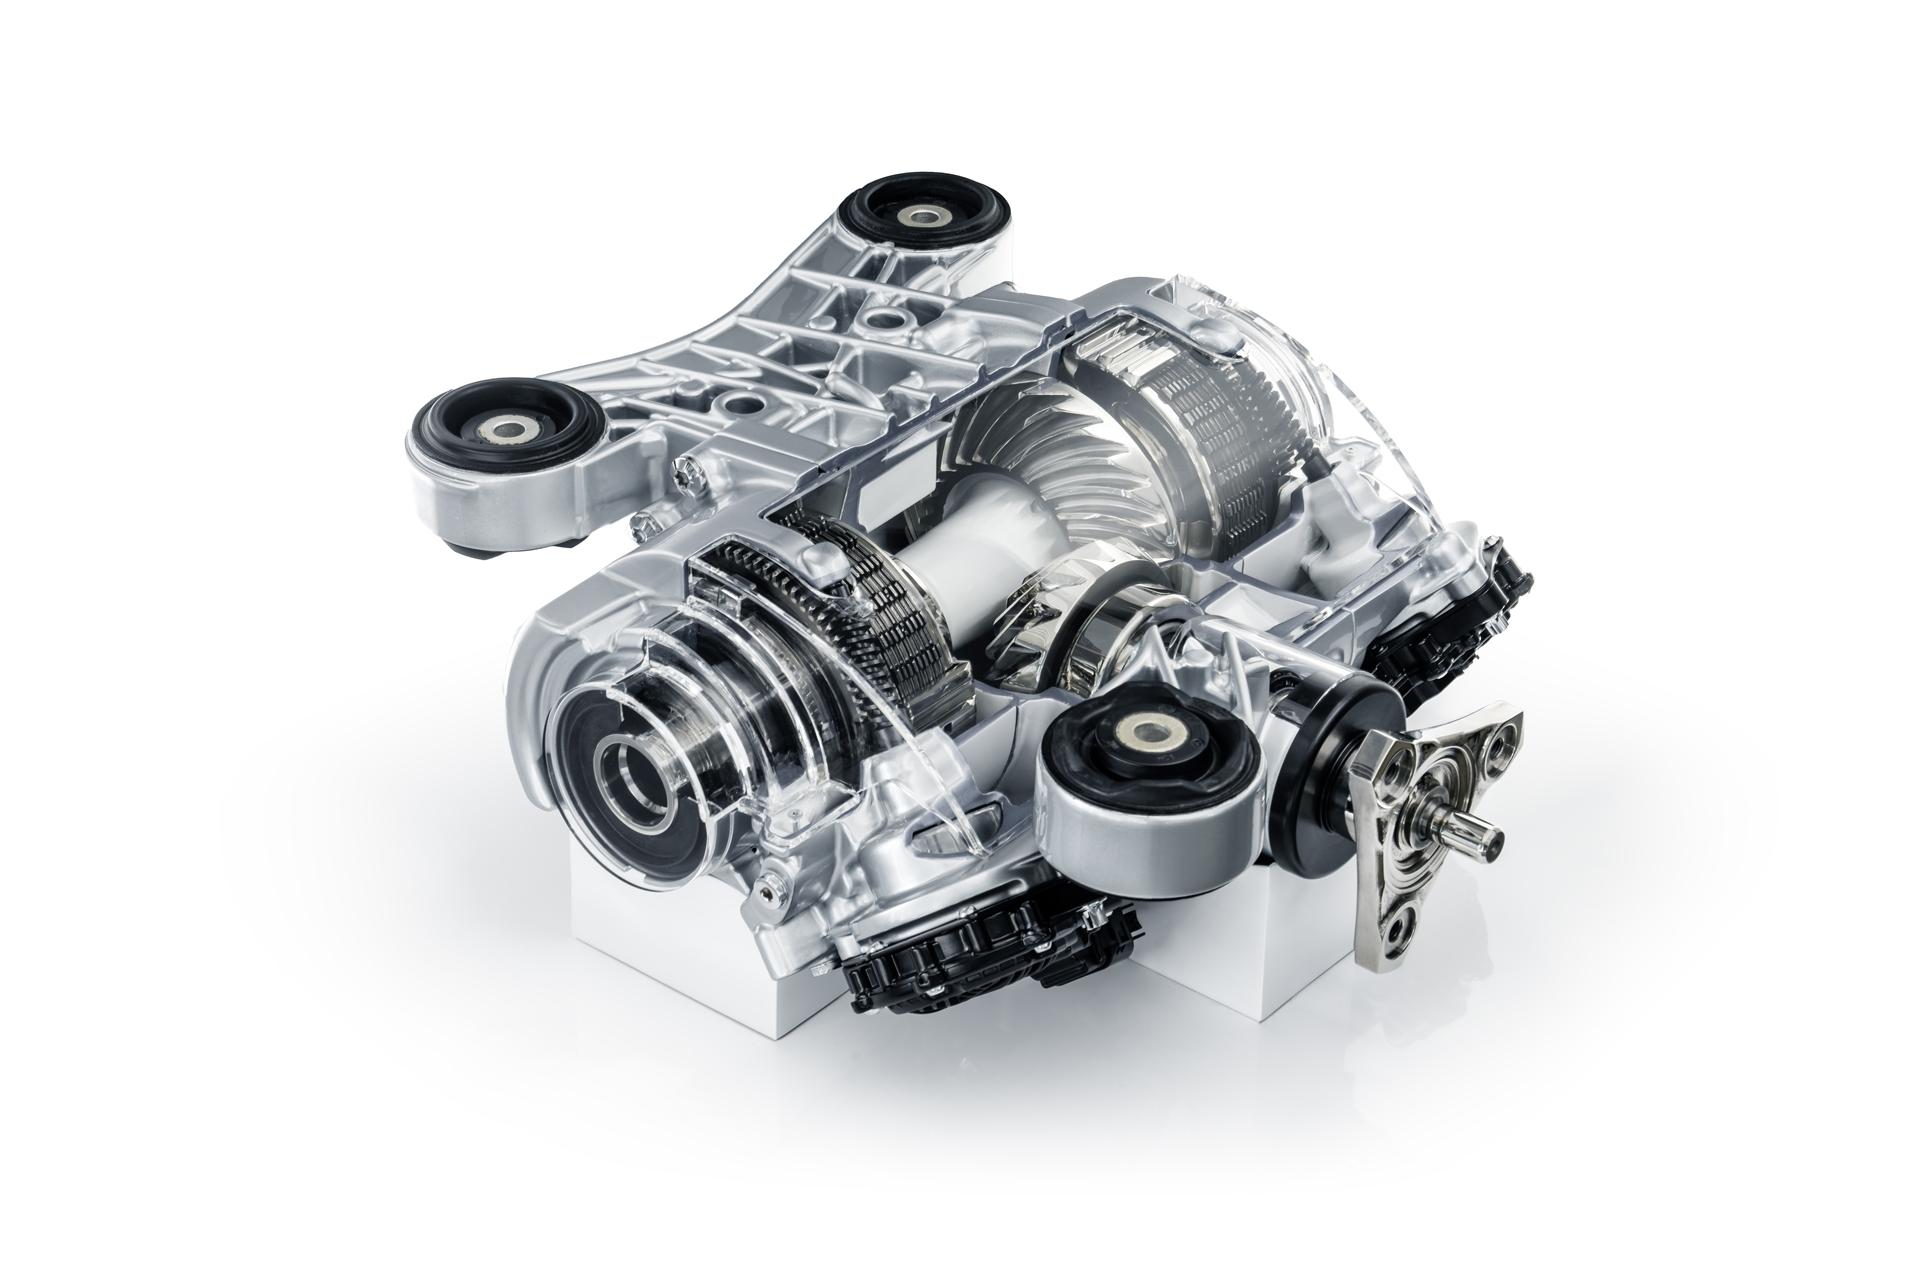 Audi Rs3 2021 Camuflado 0621 116